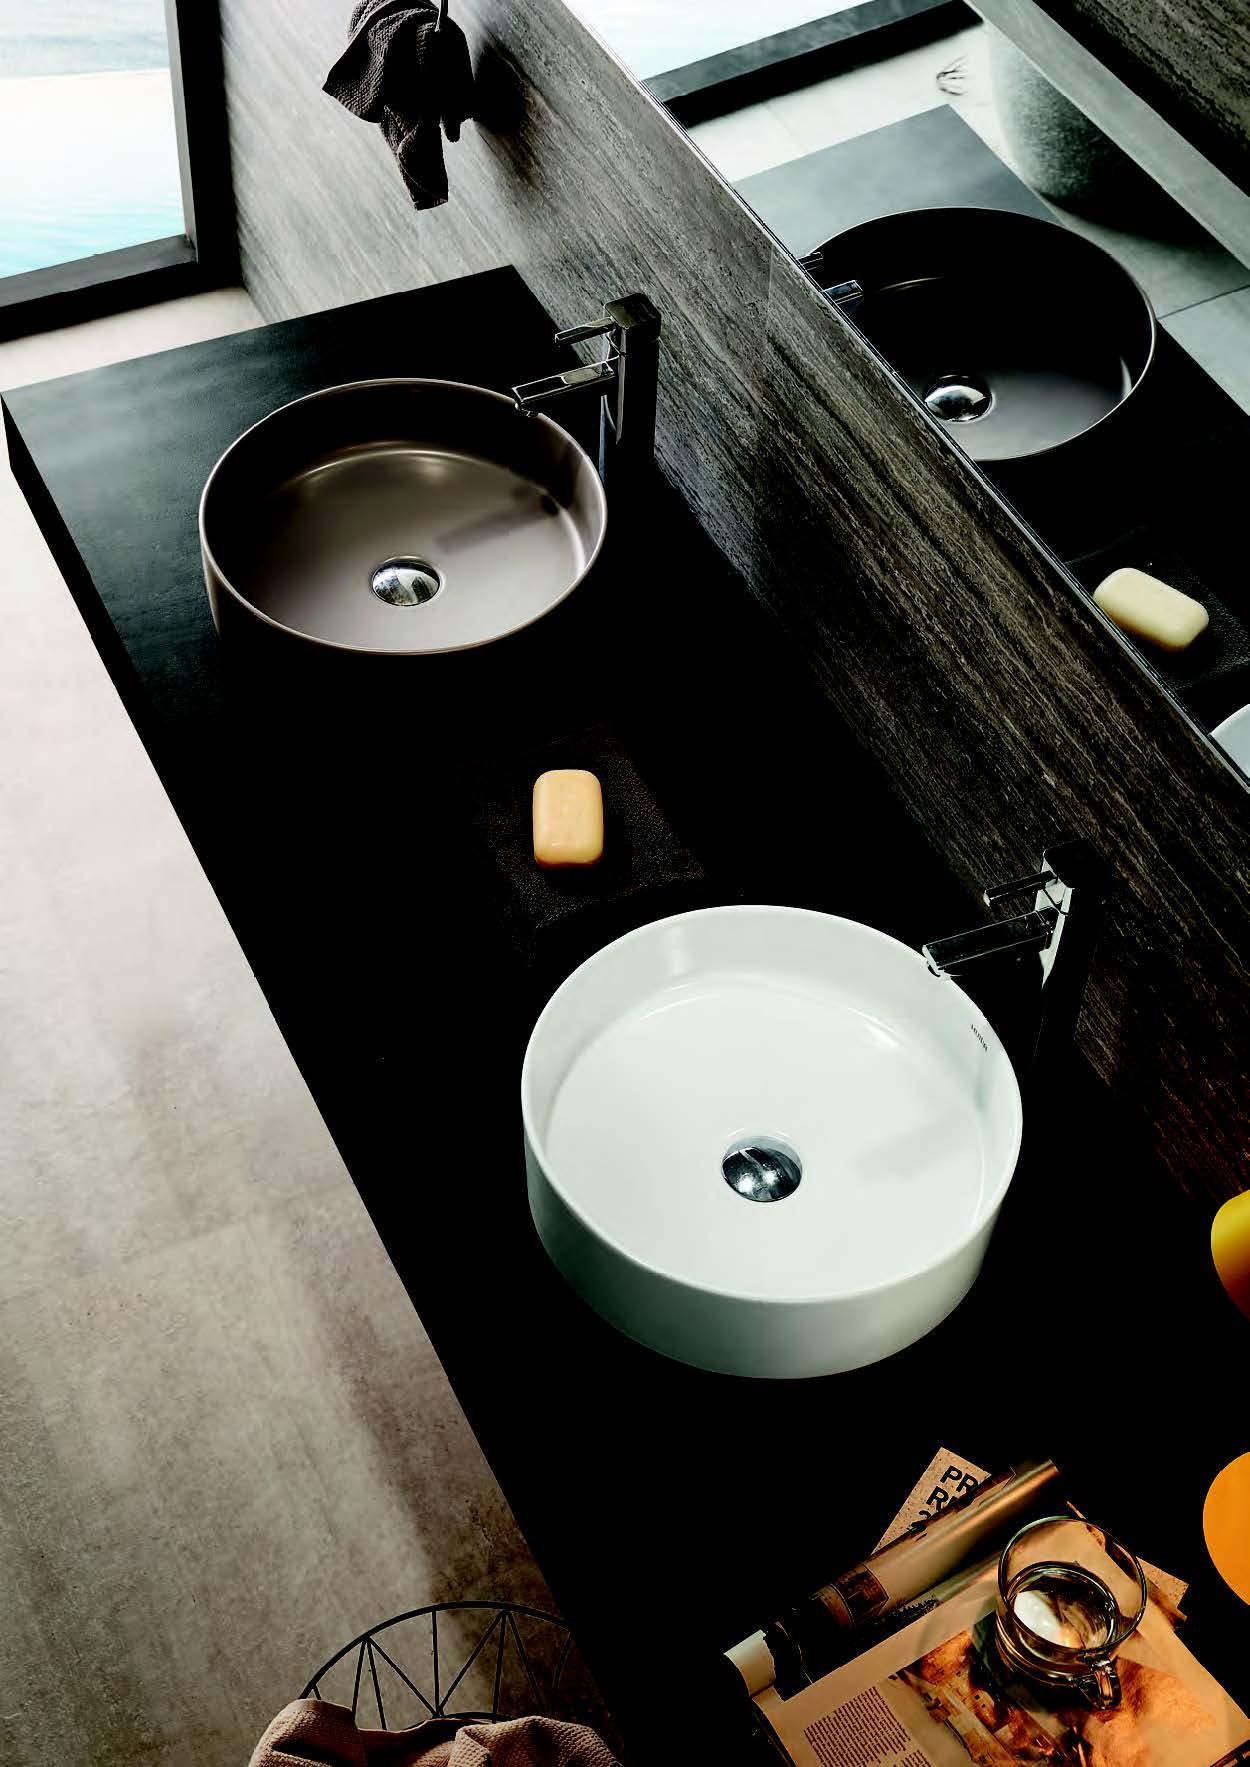 Раковины для умывальника накладная тонкостенная Creo цветные круглые